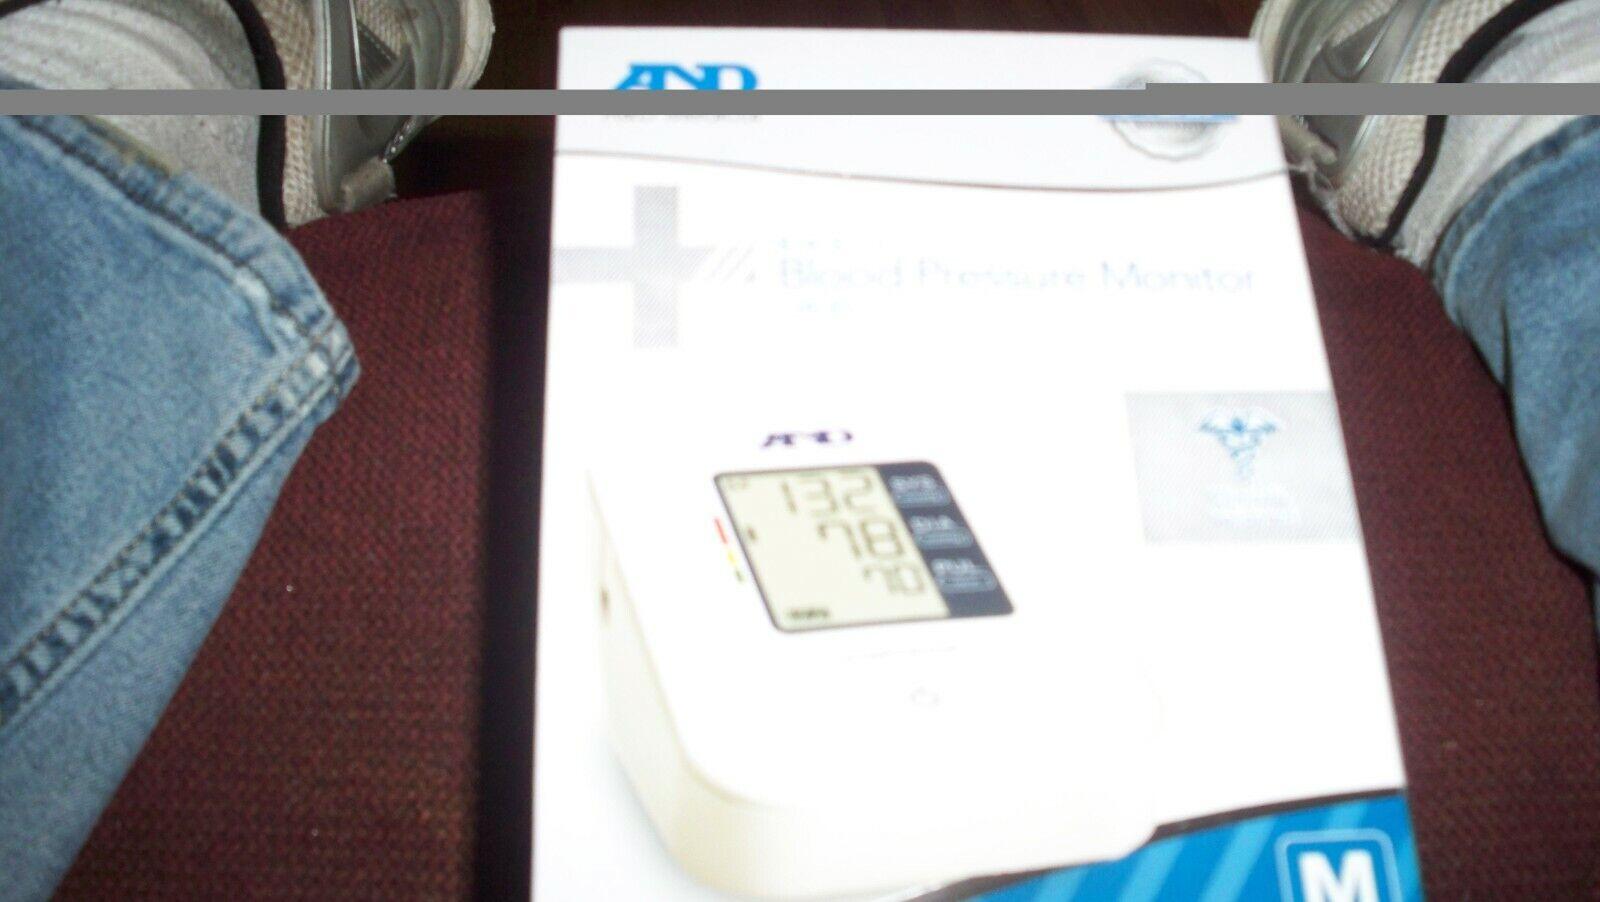 1-Life Source basic blood pressure monitor # UA-611